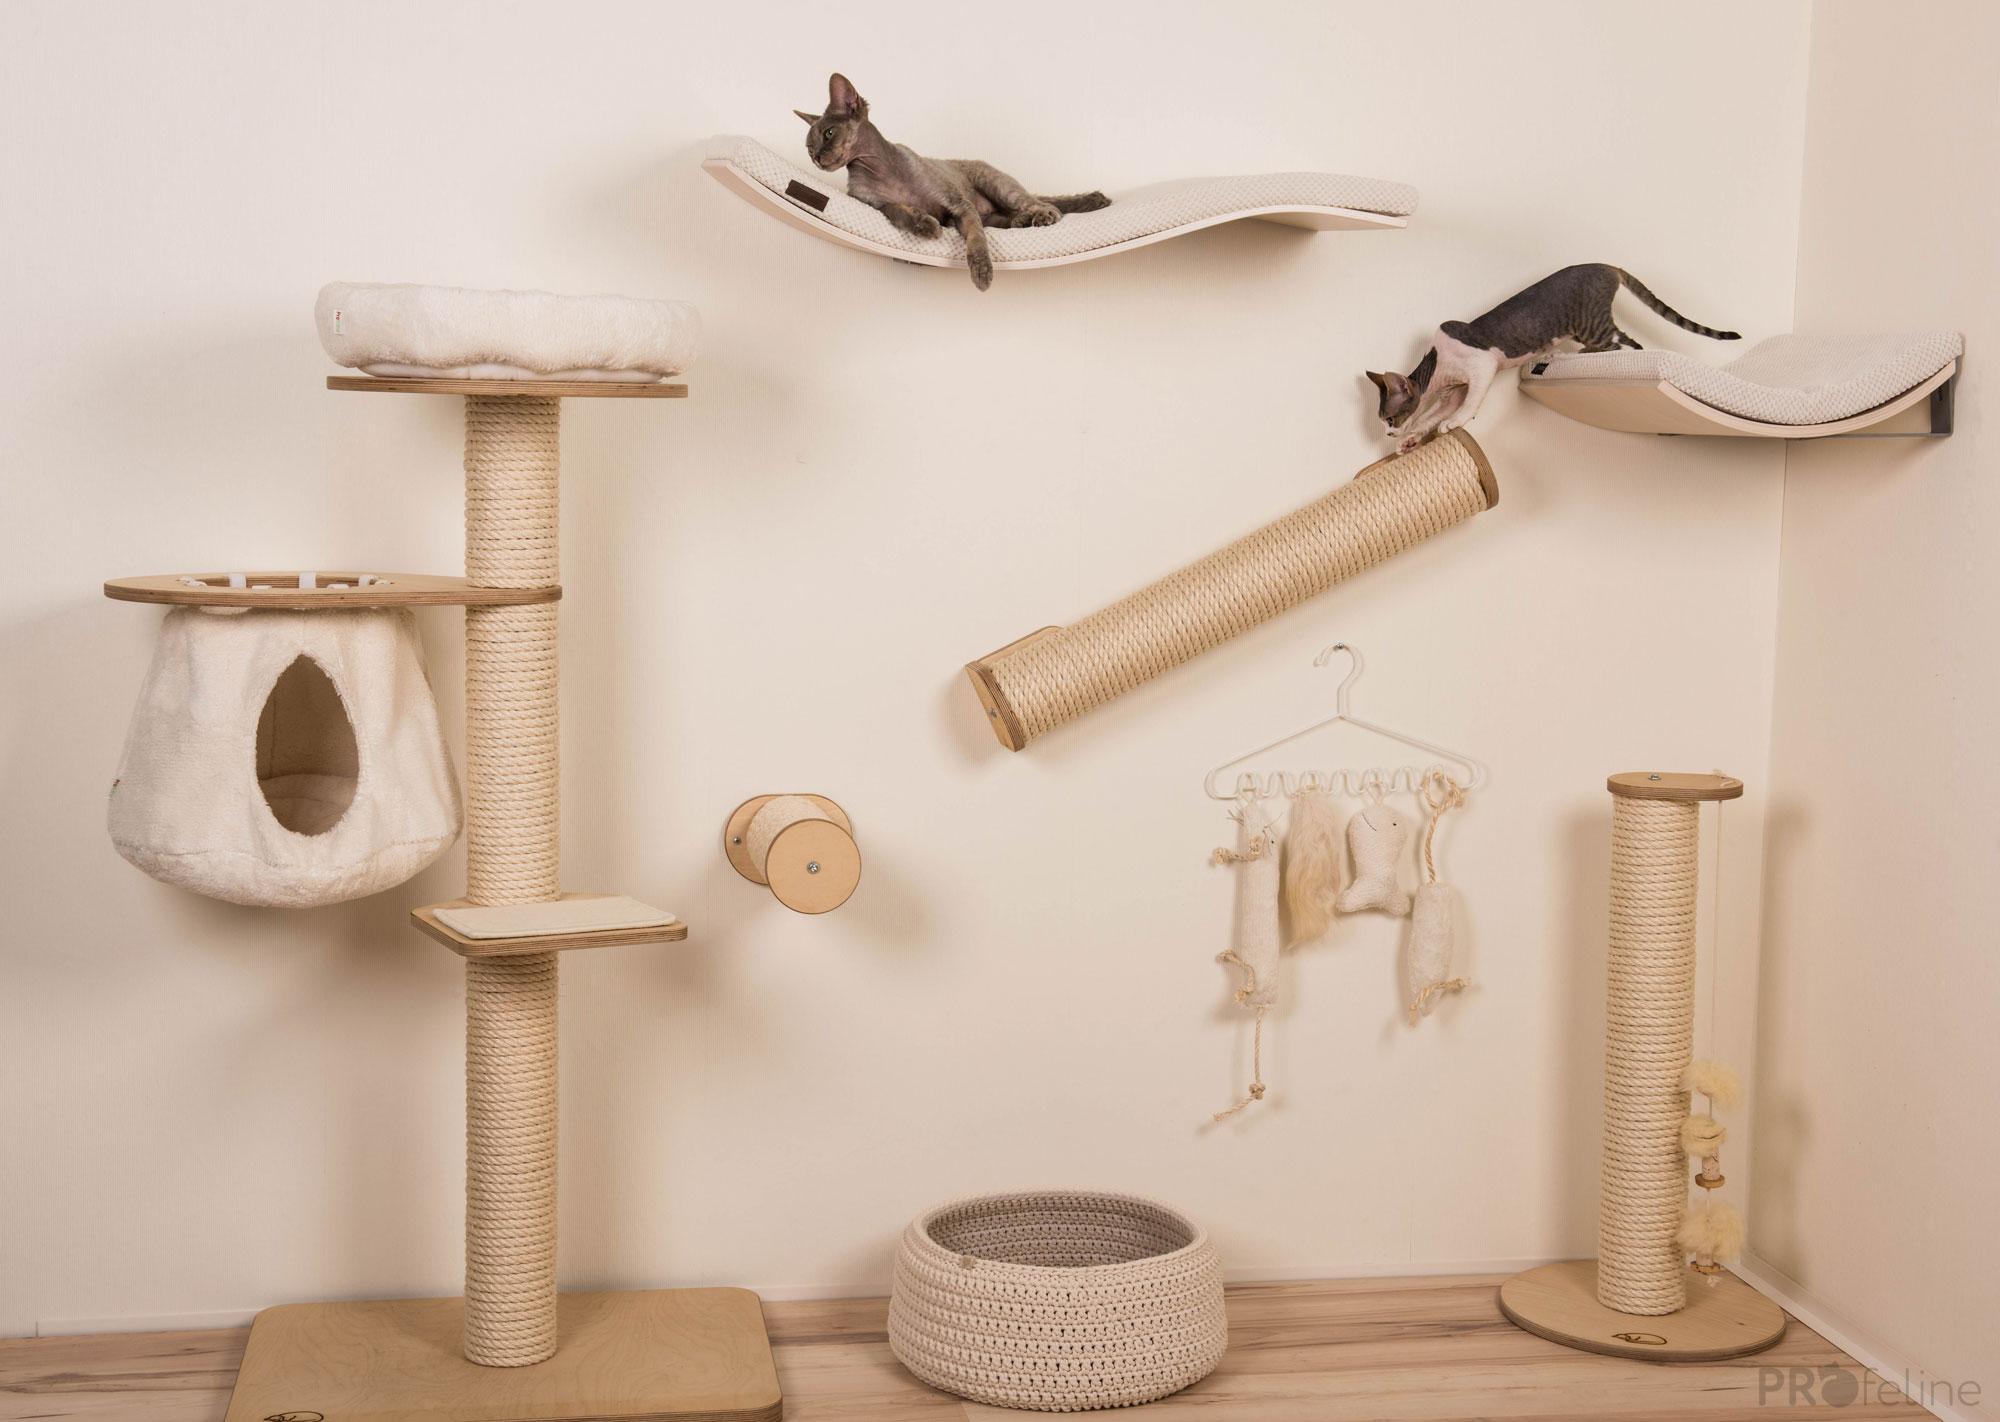 ein k tzchen kommt ins haus tipps f r artgerechte wohnung. Black Bedroom Furniture Sets. Home Design Ideas